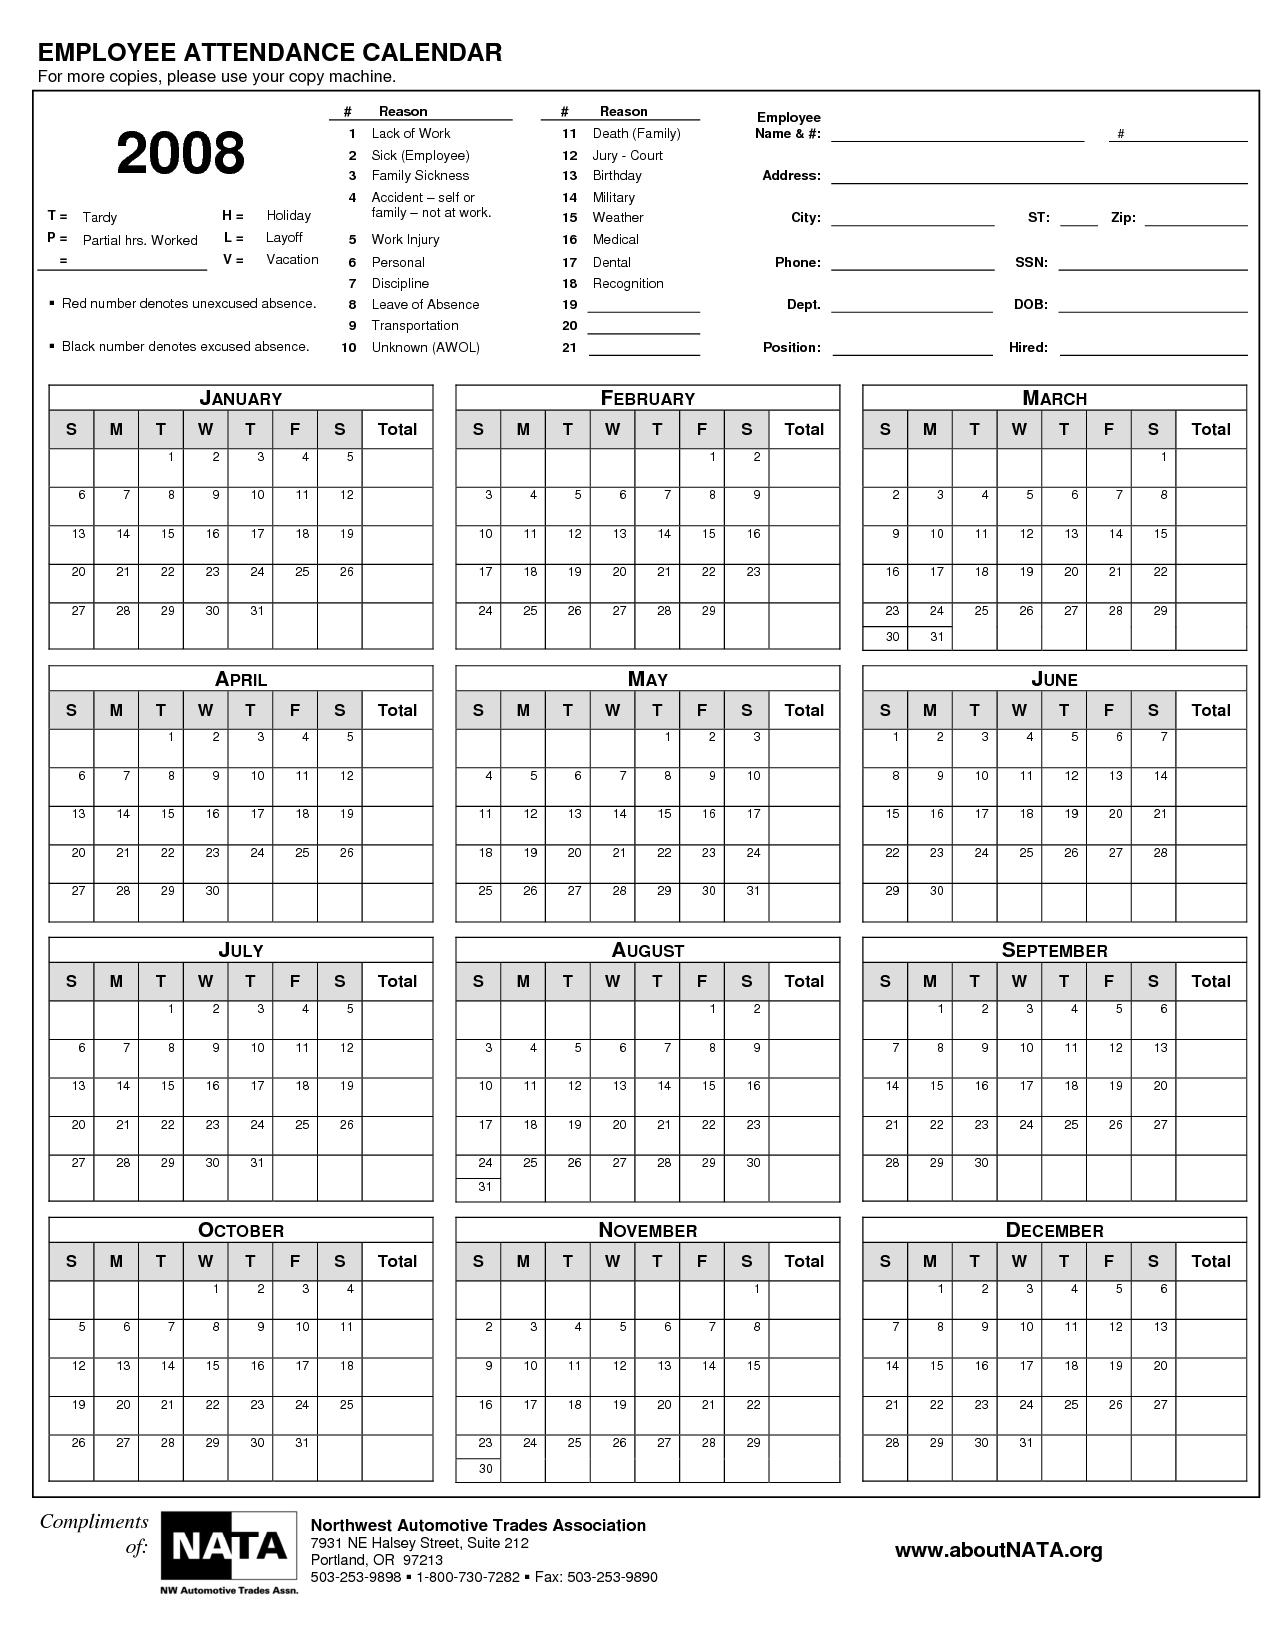 Employee Calendar Template 2019 2015 Employee Attendance Calendar inside Free Printable Employee Attendance Calendars